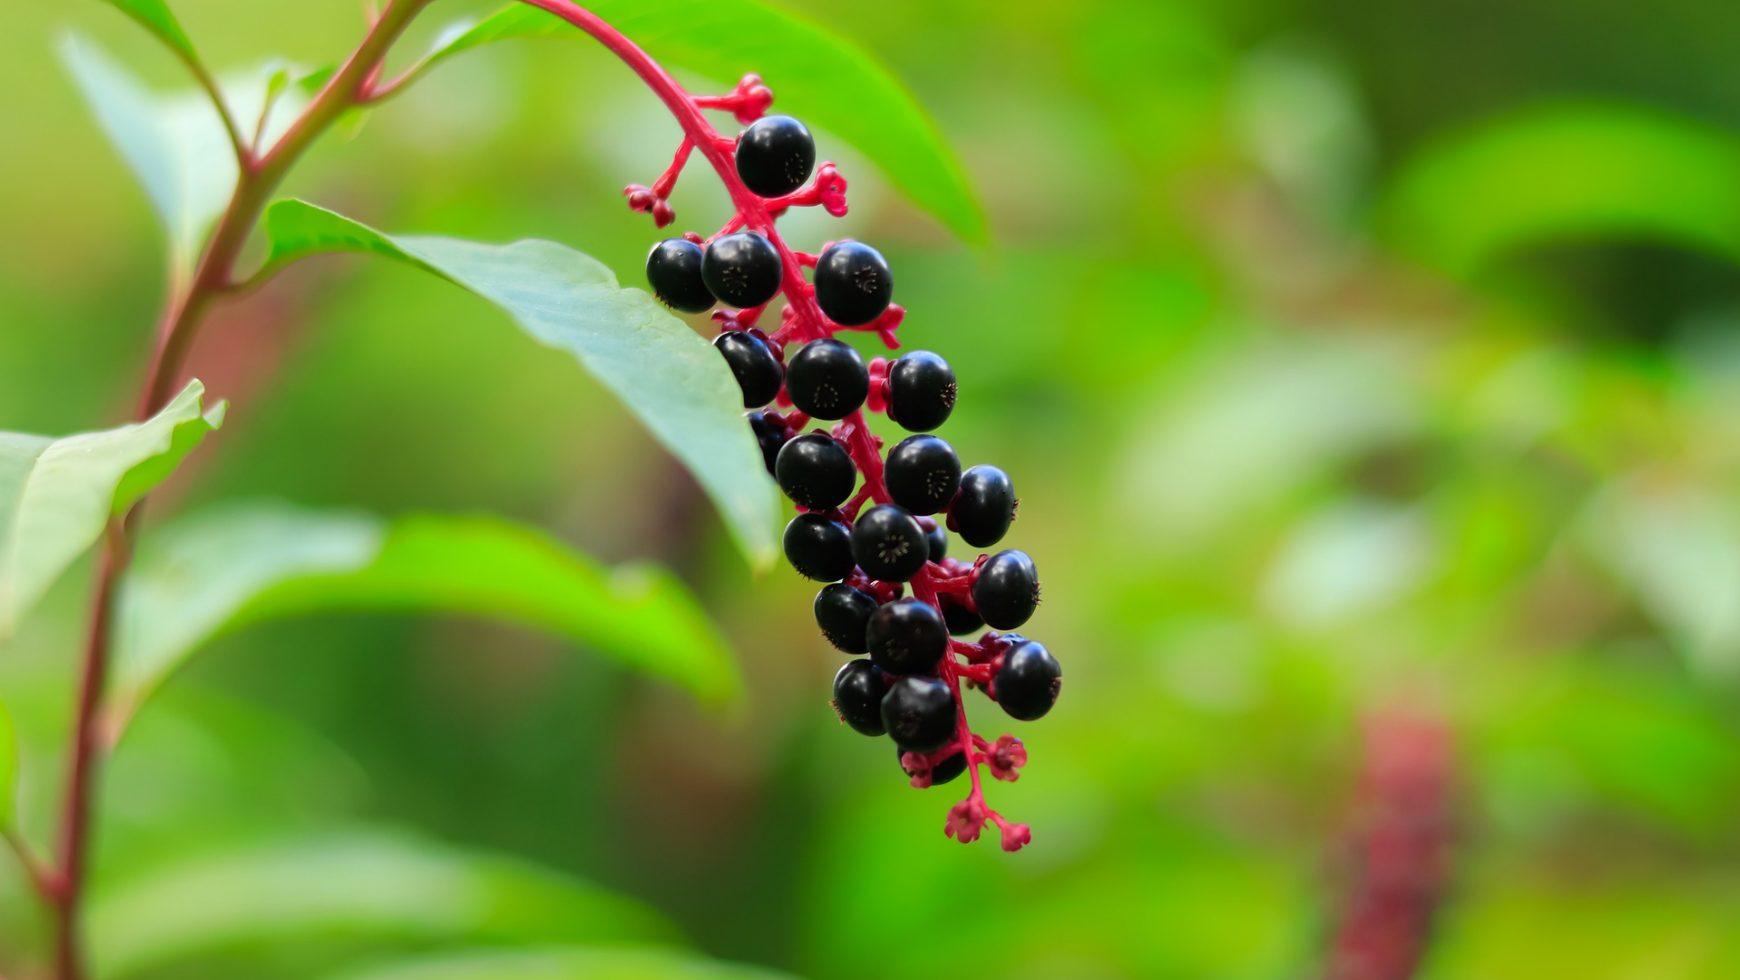 Antioxidantii: ce sunt, de ce sunt importanti si unde se regasesc